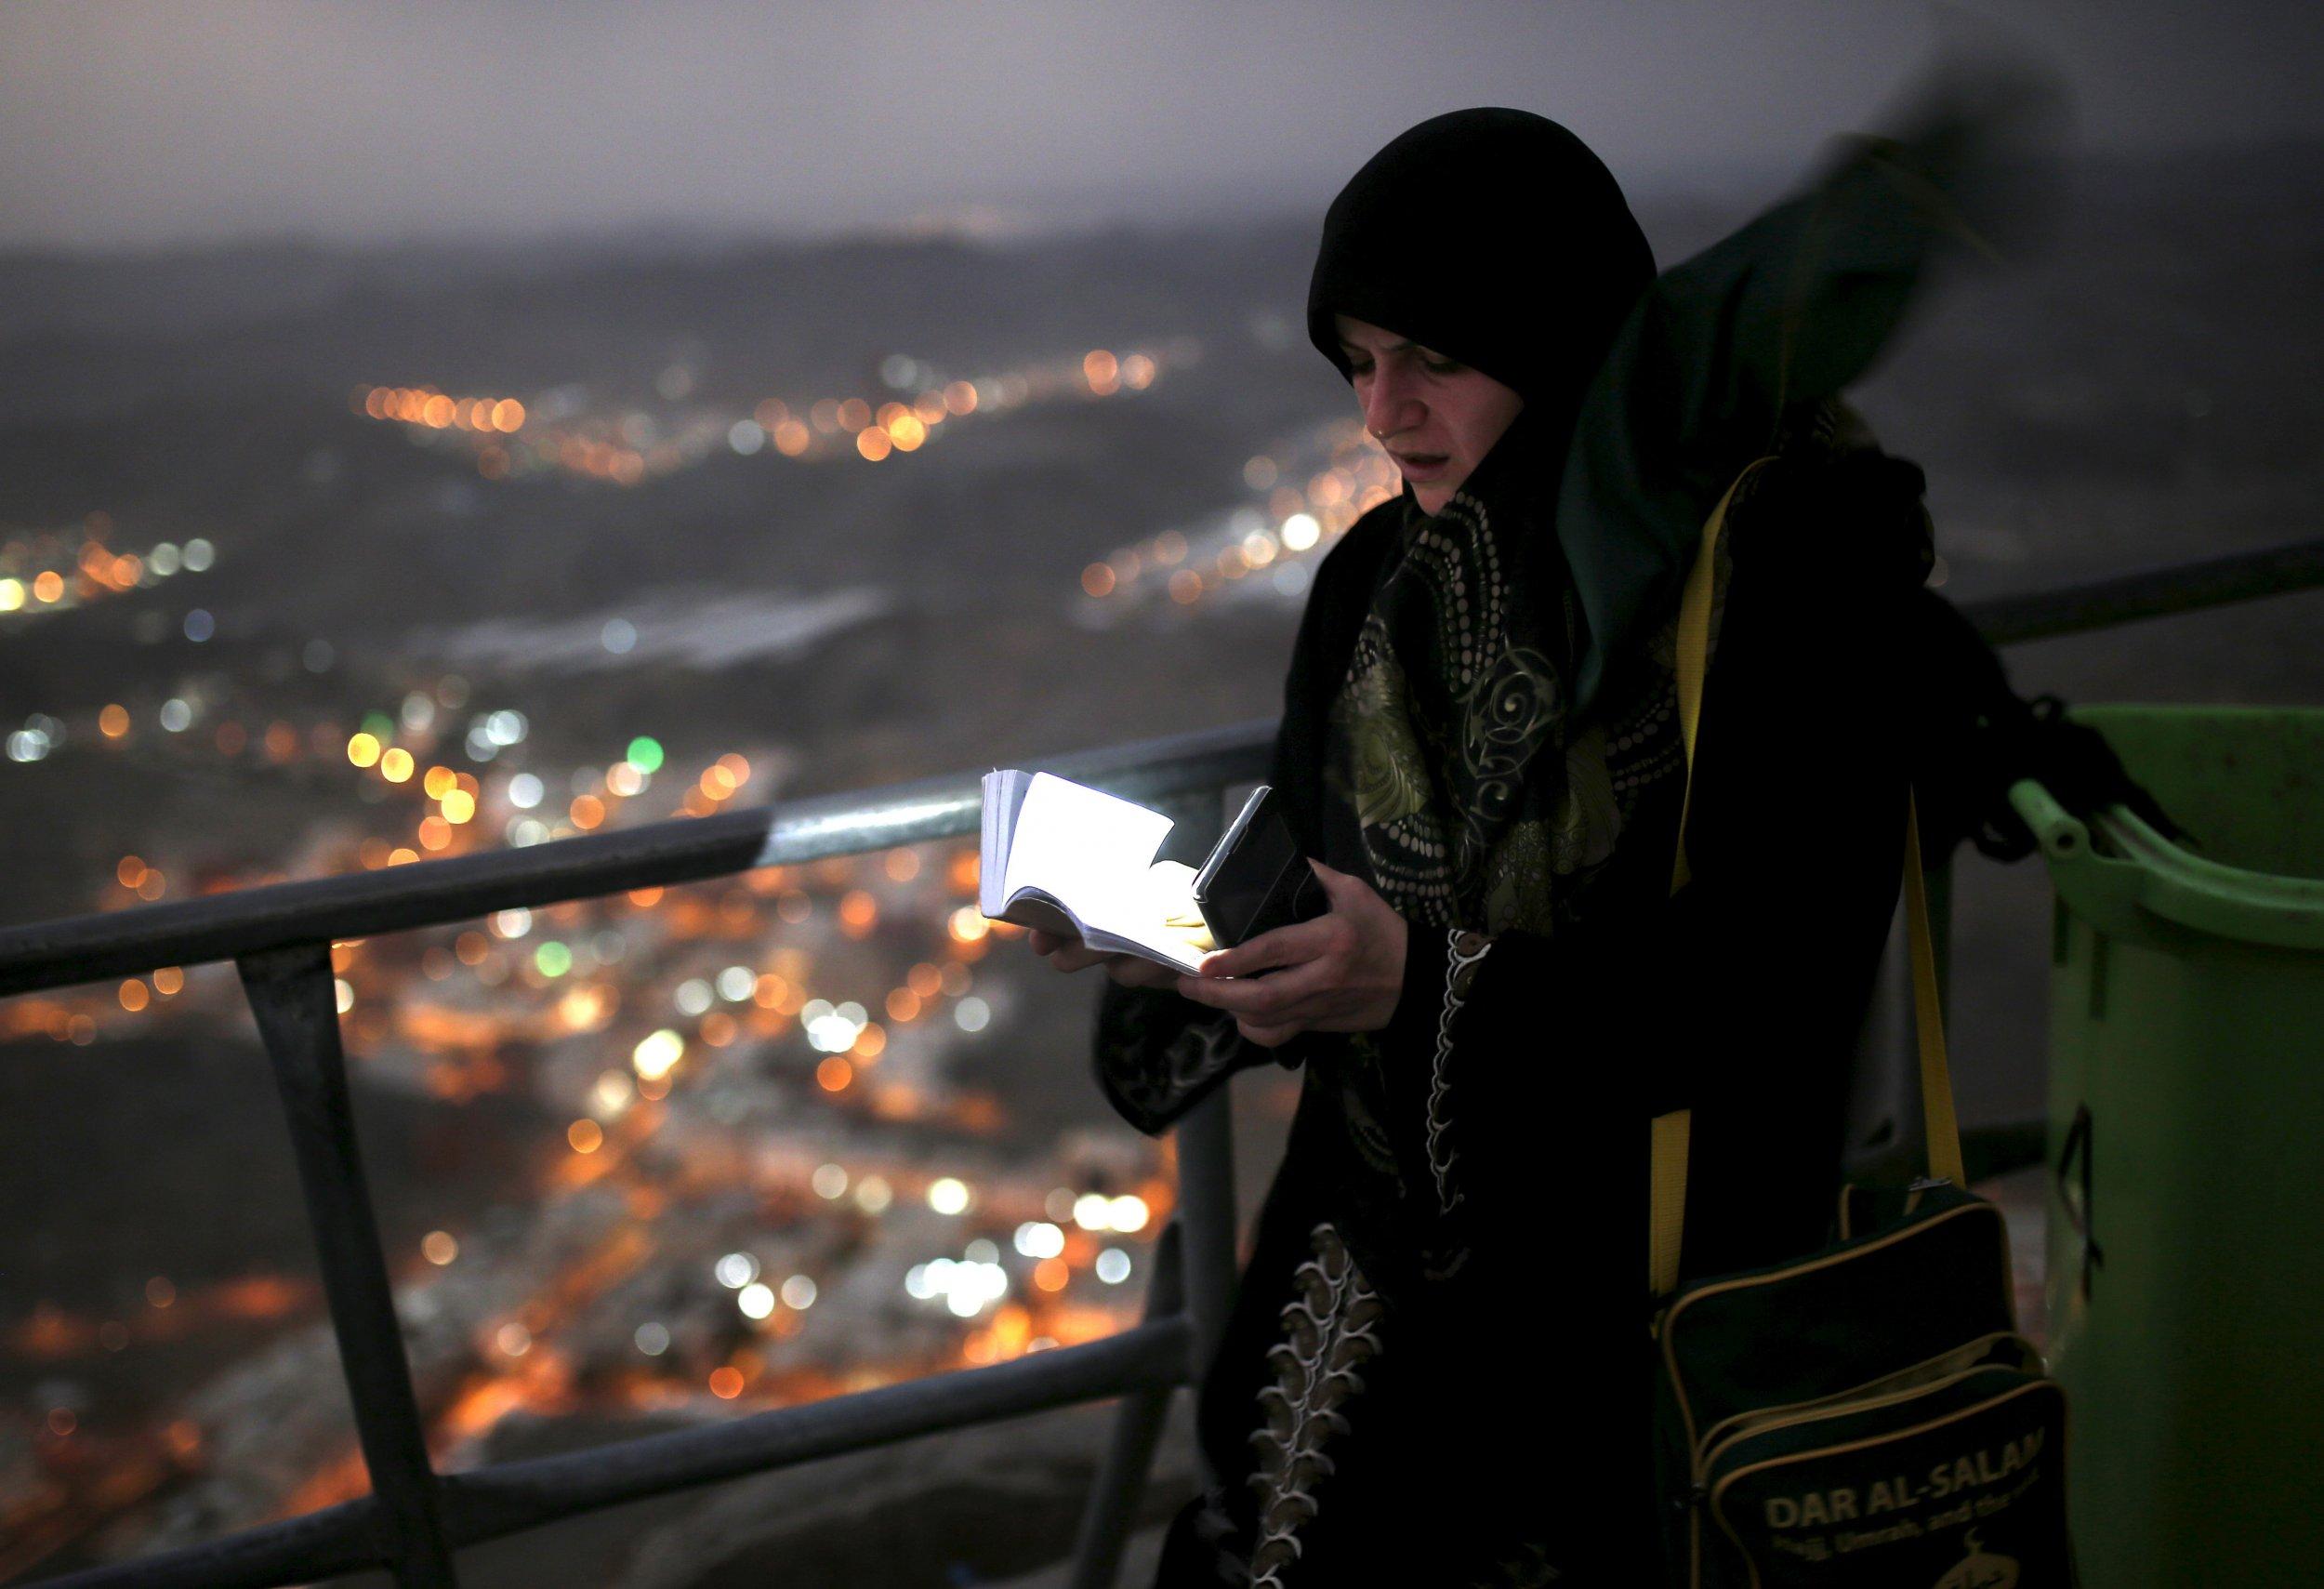 12_22-Women_Saudi_Arabia_01